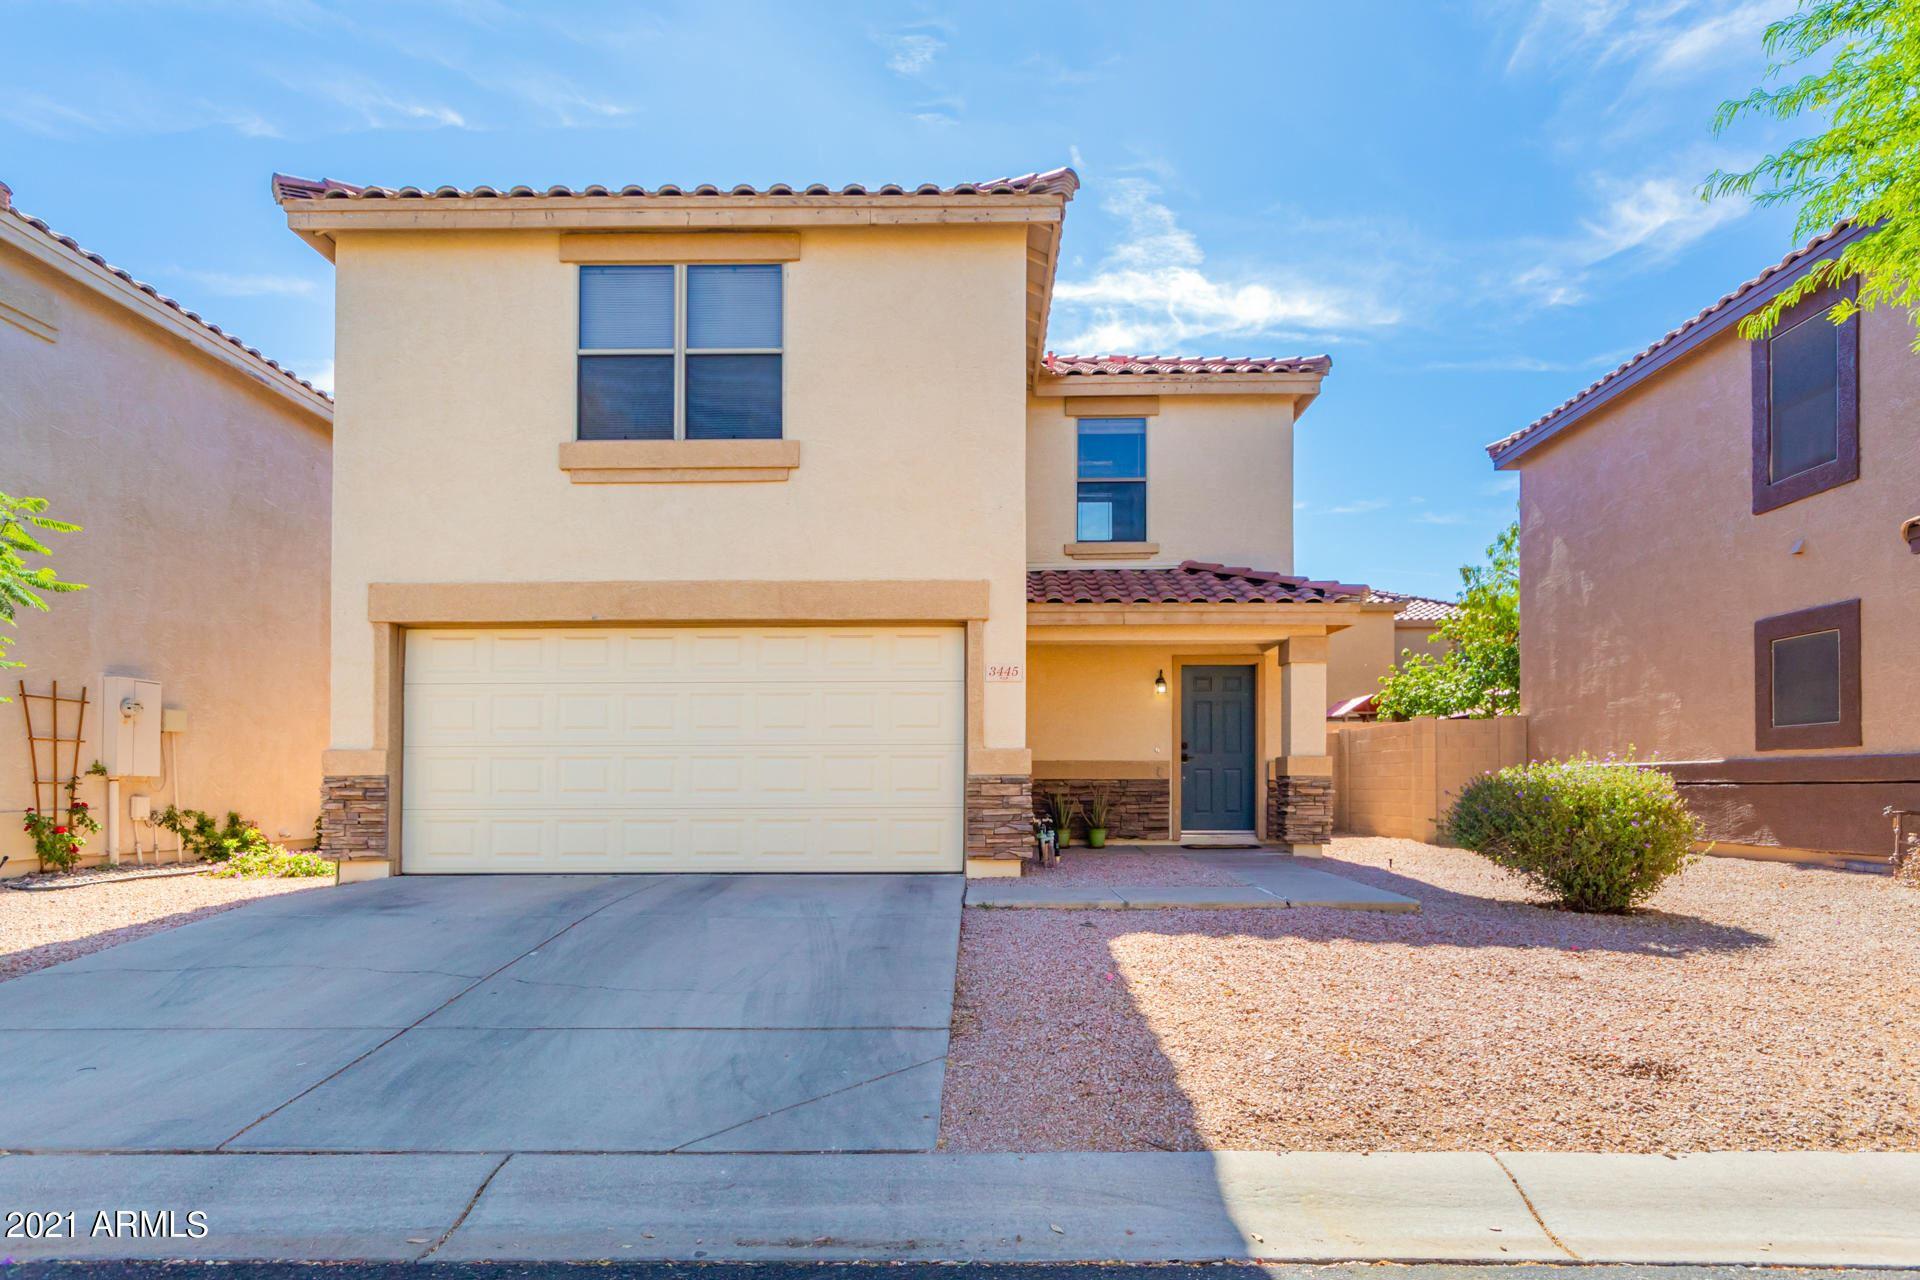 Photo of 3445 S CHAPARRAL Road, Apache Junction, AZ 85119 (MLS # 6249158)